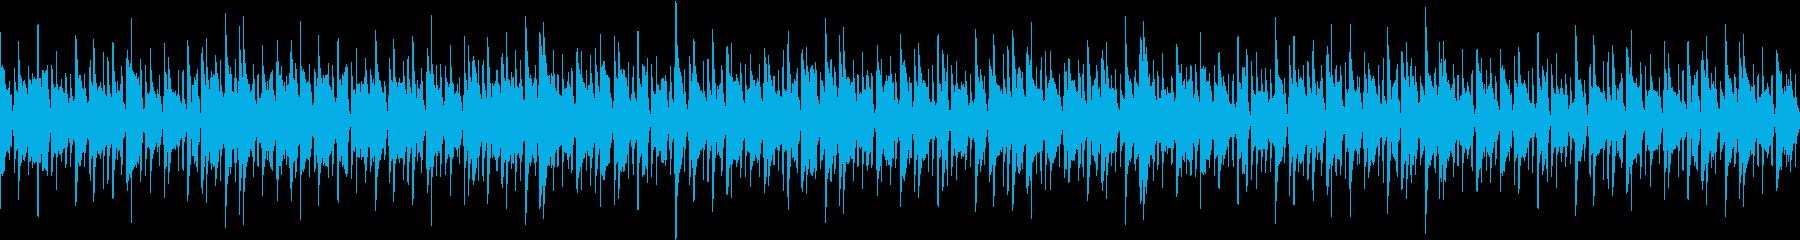 優しいボサノバBGMループの再生済みの波形